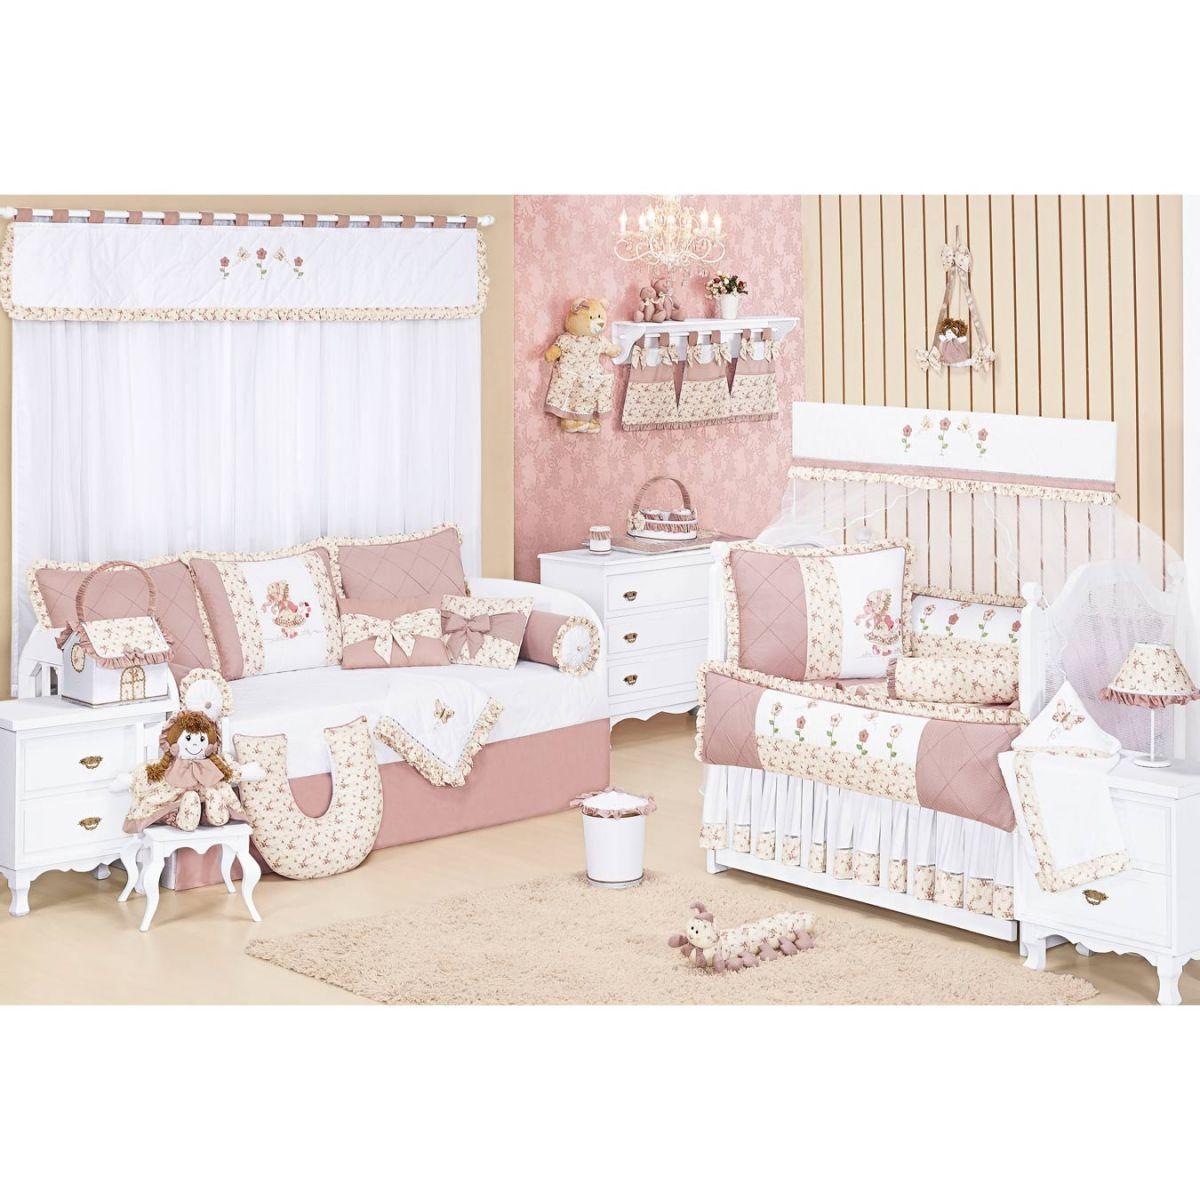 Capa de Bebê Conforto de Bebê - Coleção Nina Camponesa